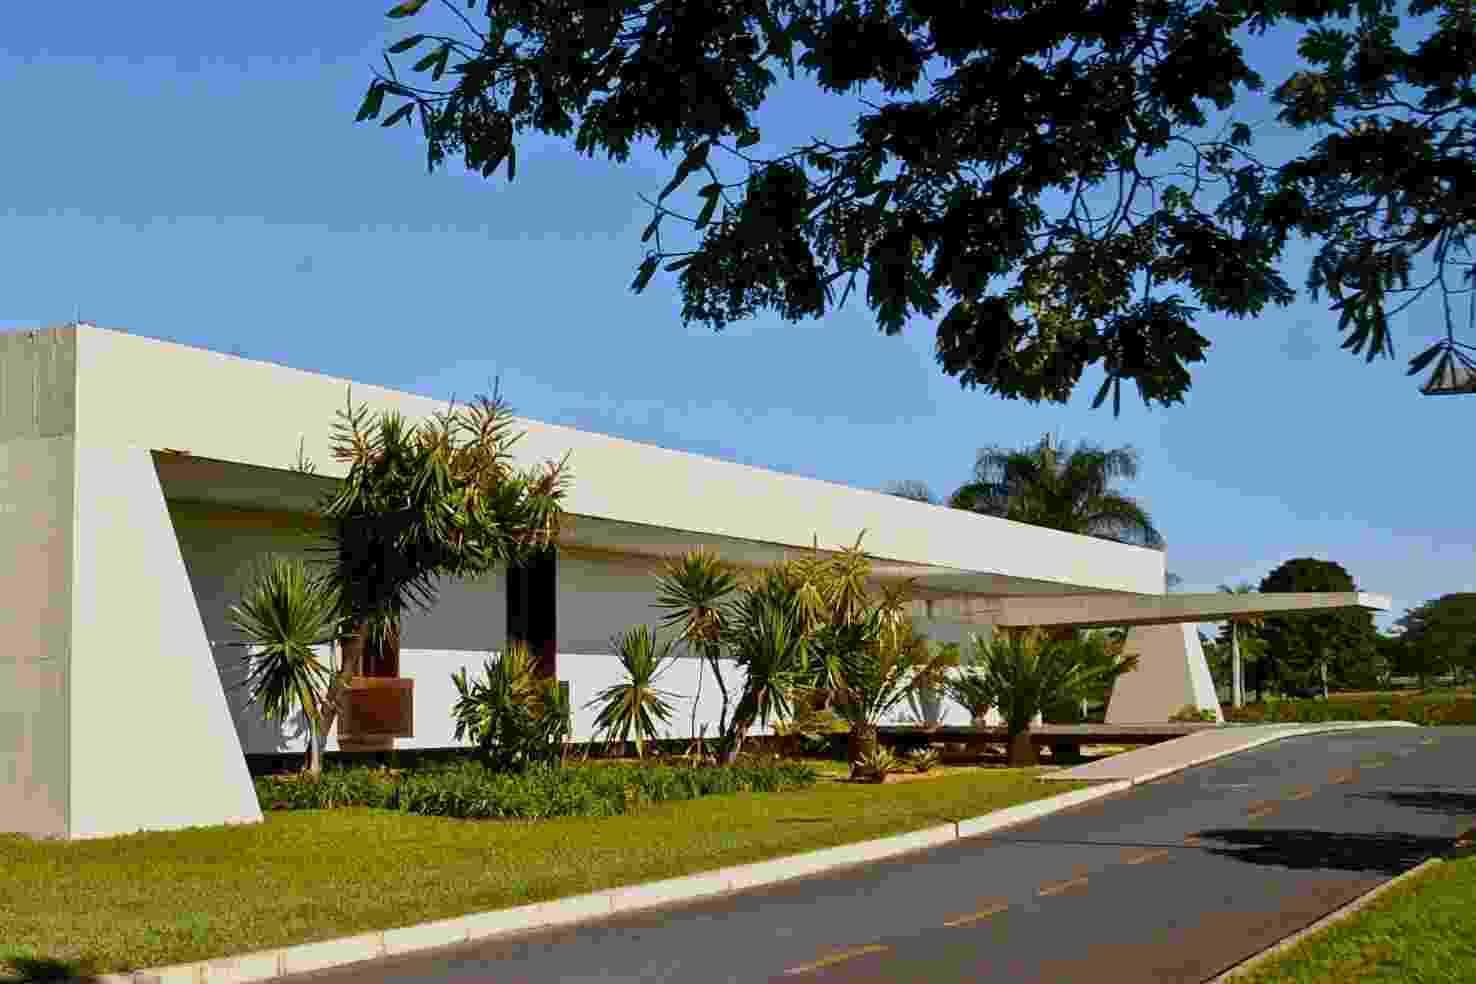 Inaugurado em 1977, o Palácio do Jaburu tornou-se residência oficial do vice-presidente da República, cargo então ocupado por Adalberto Pereira dos Santos, vice-presidente de Ernesto Geisel. O palácio localizado ao lado da lagoa que lhe deu o nome, em Brasília (DF), é ocupado desde 2011 por Michel Temer, vice da presidente Dilma Rousseff - Aluízio de Assis/Presidência da República